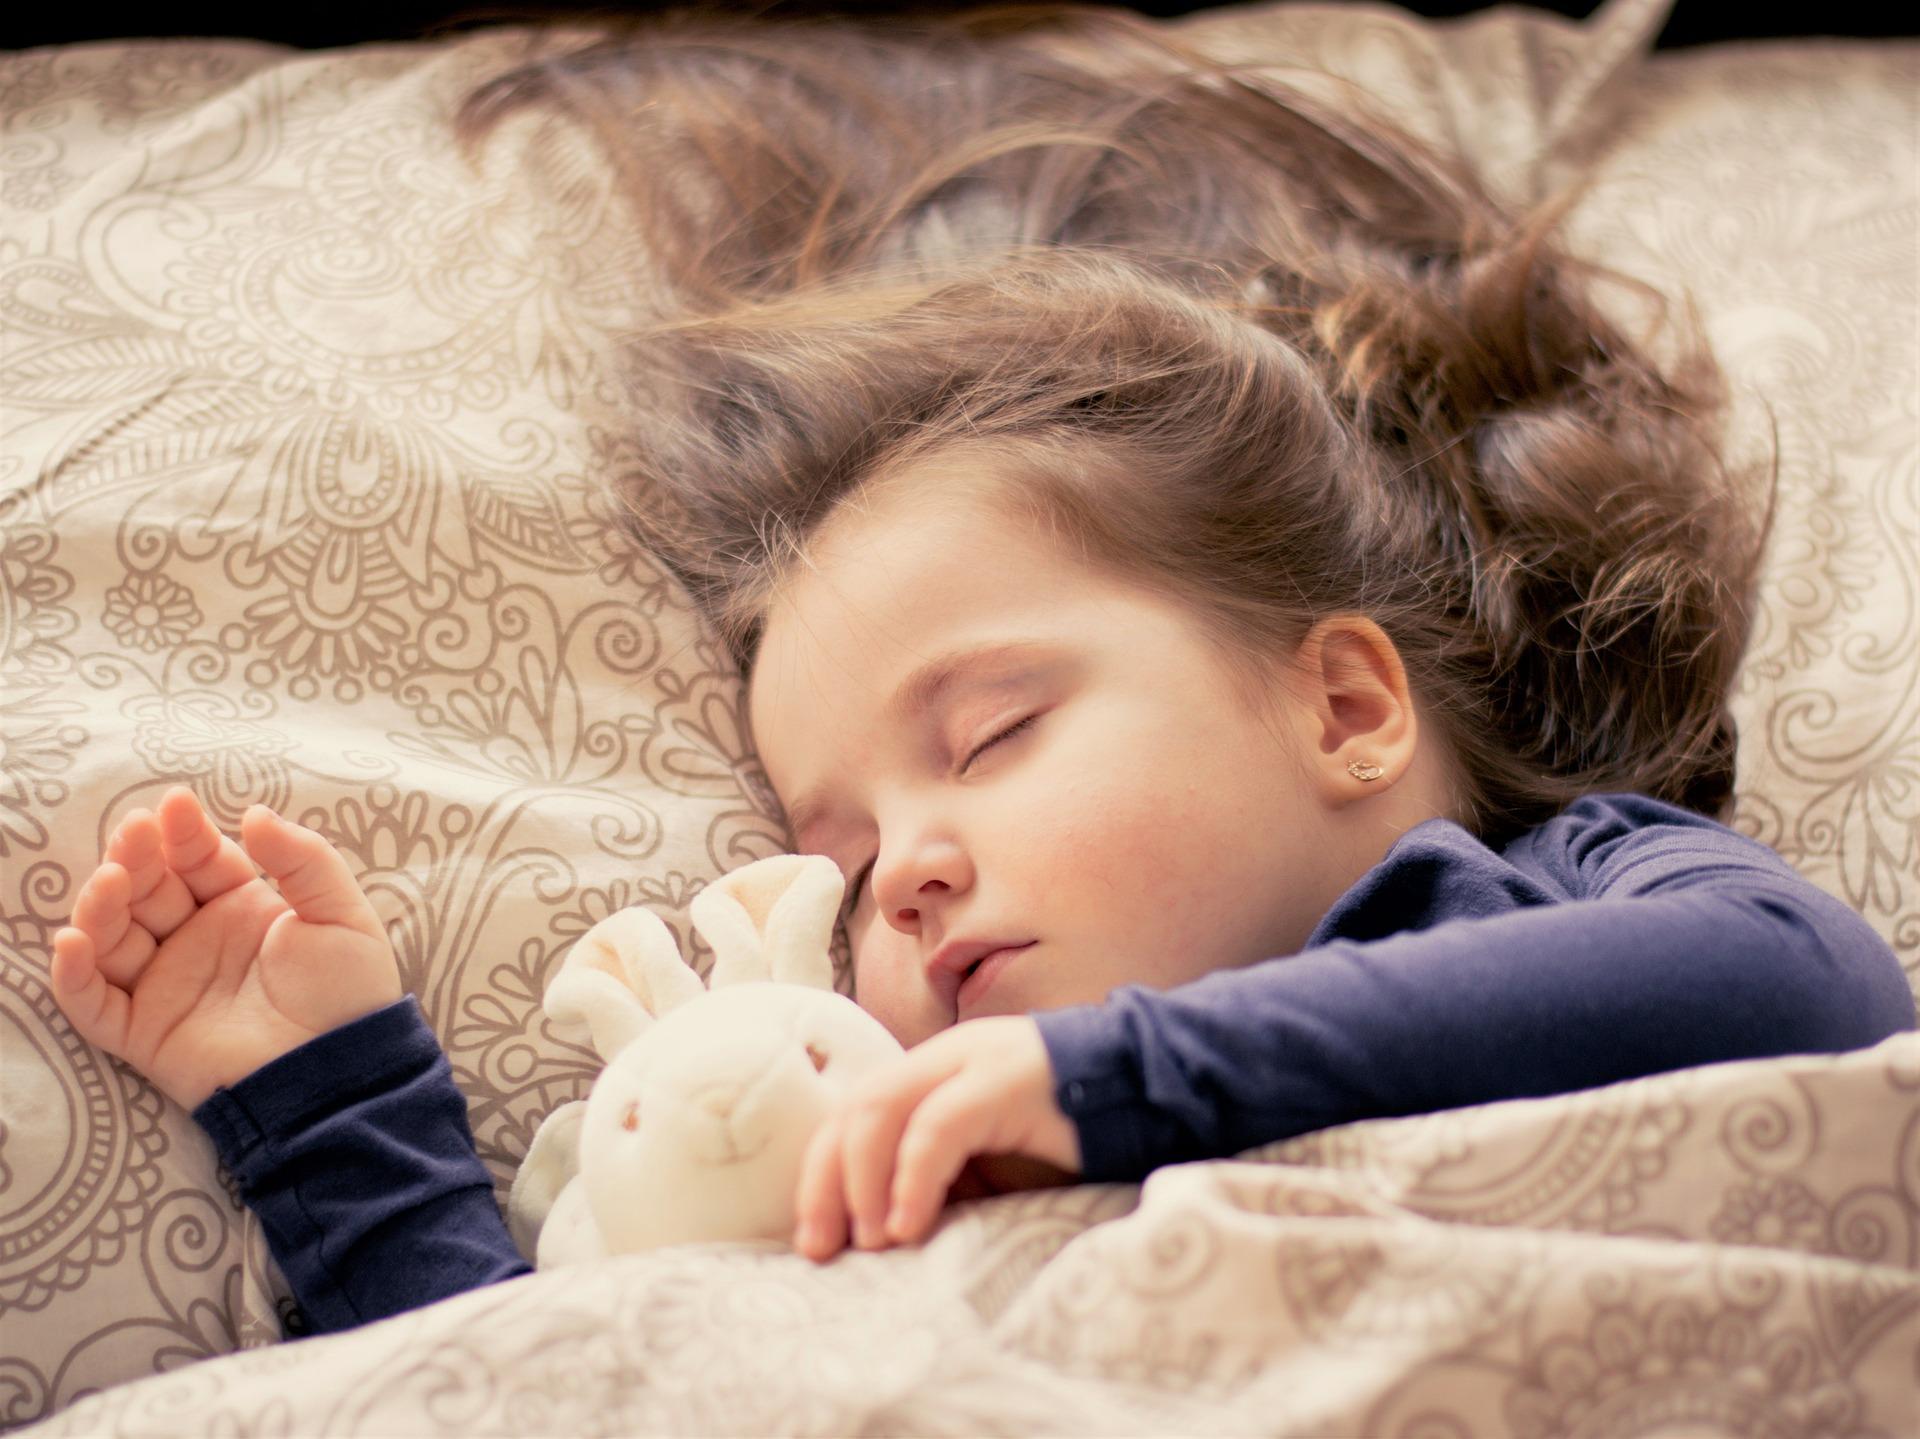 Sommeil des enfants : résolvez les problèmes d'heure du coucher